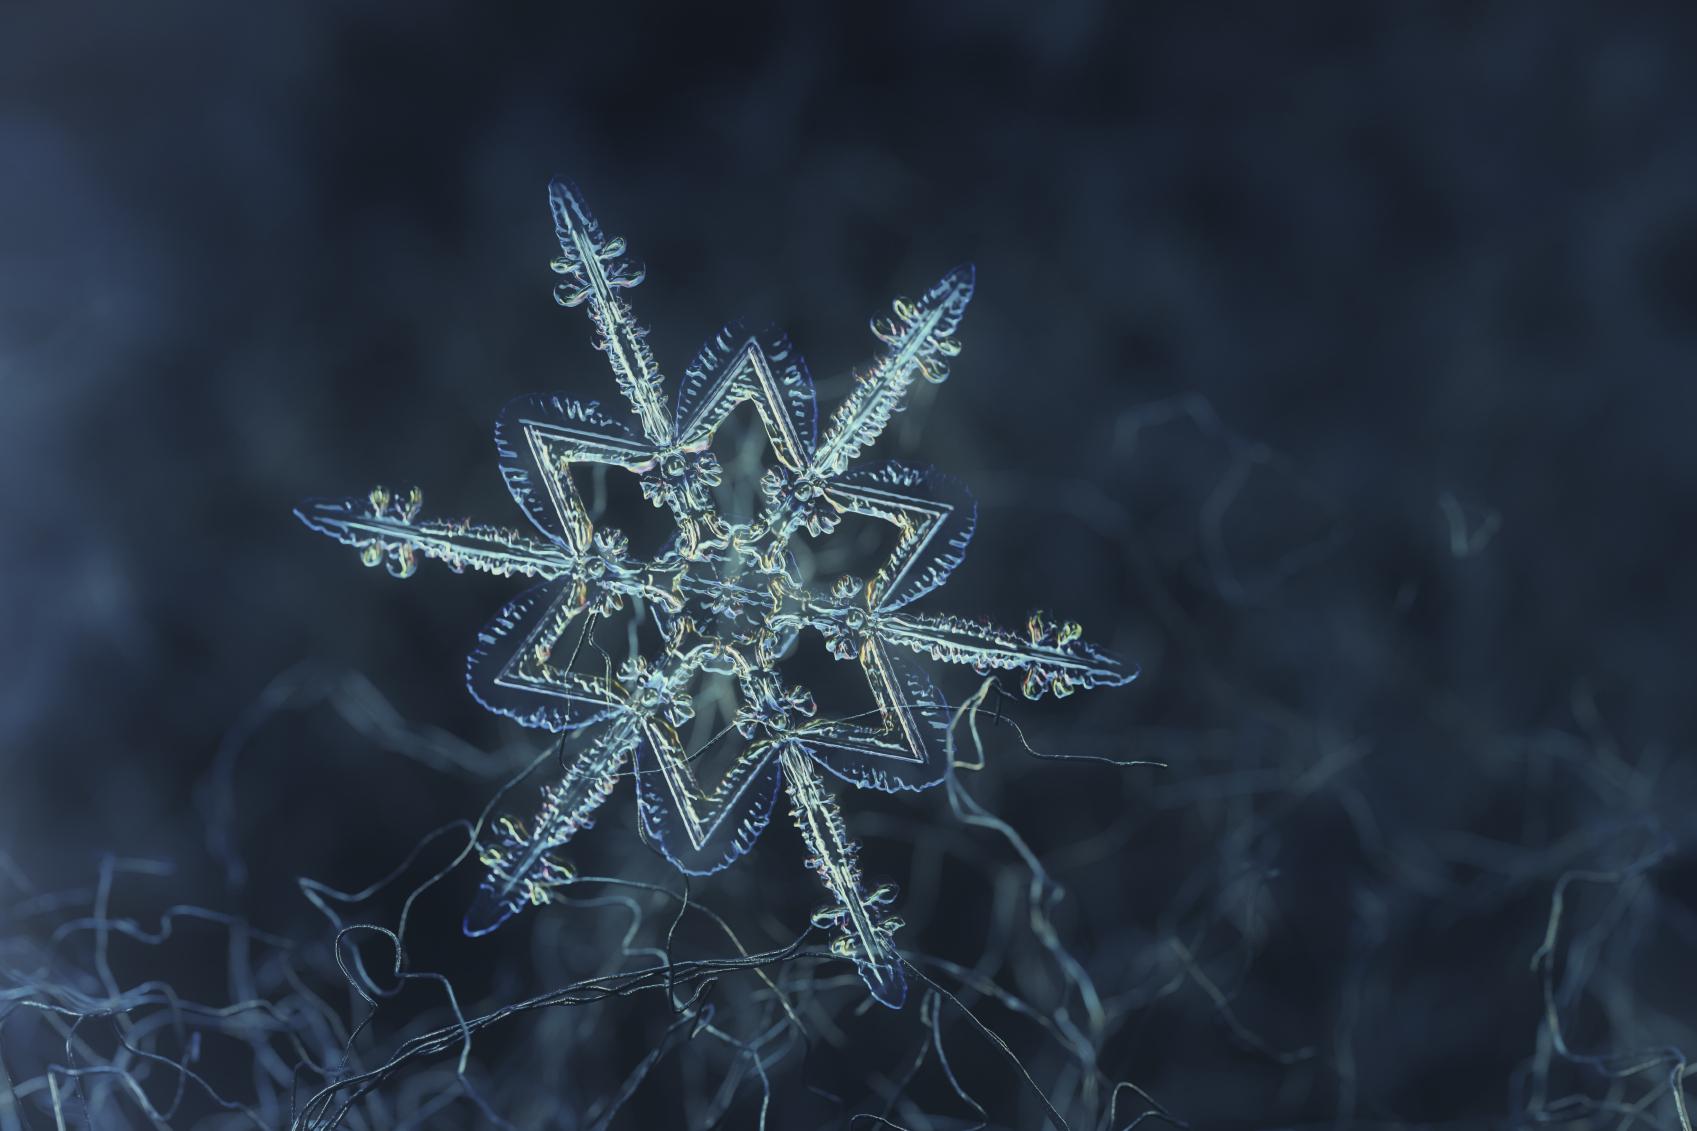 snowflake - photo #13